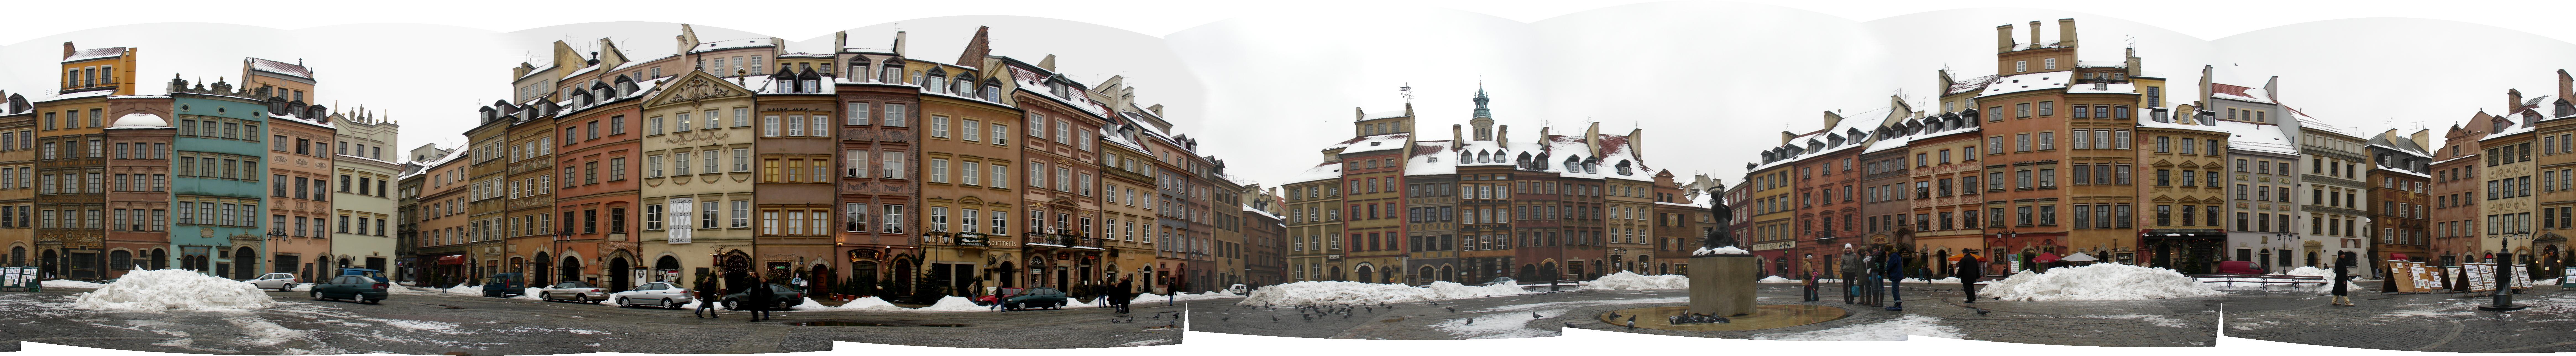 Place Du March Ef Bf Bd De La Vieille Ville Rynek Starego Miasta